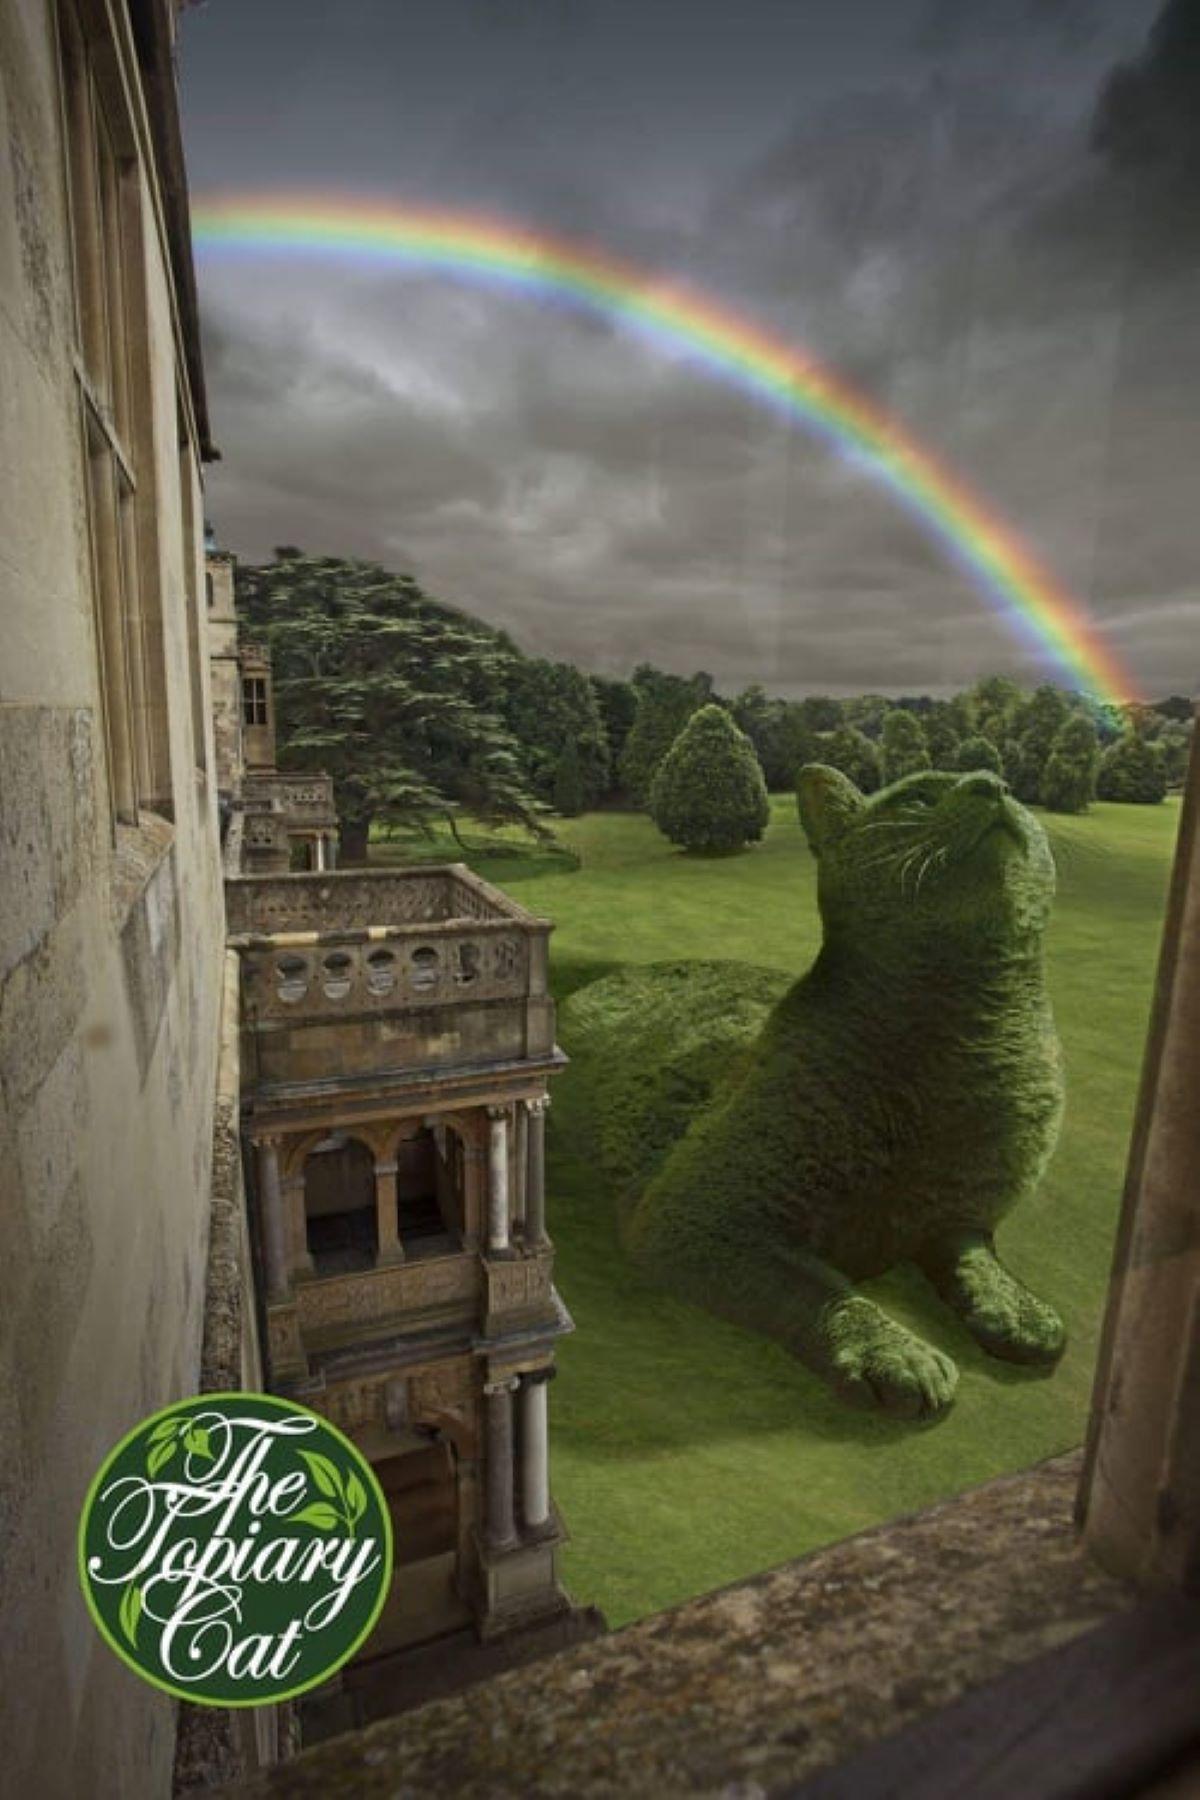 dipinto-gatto-con-arcobaleno